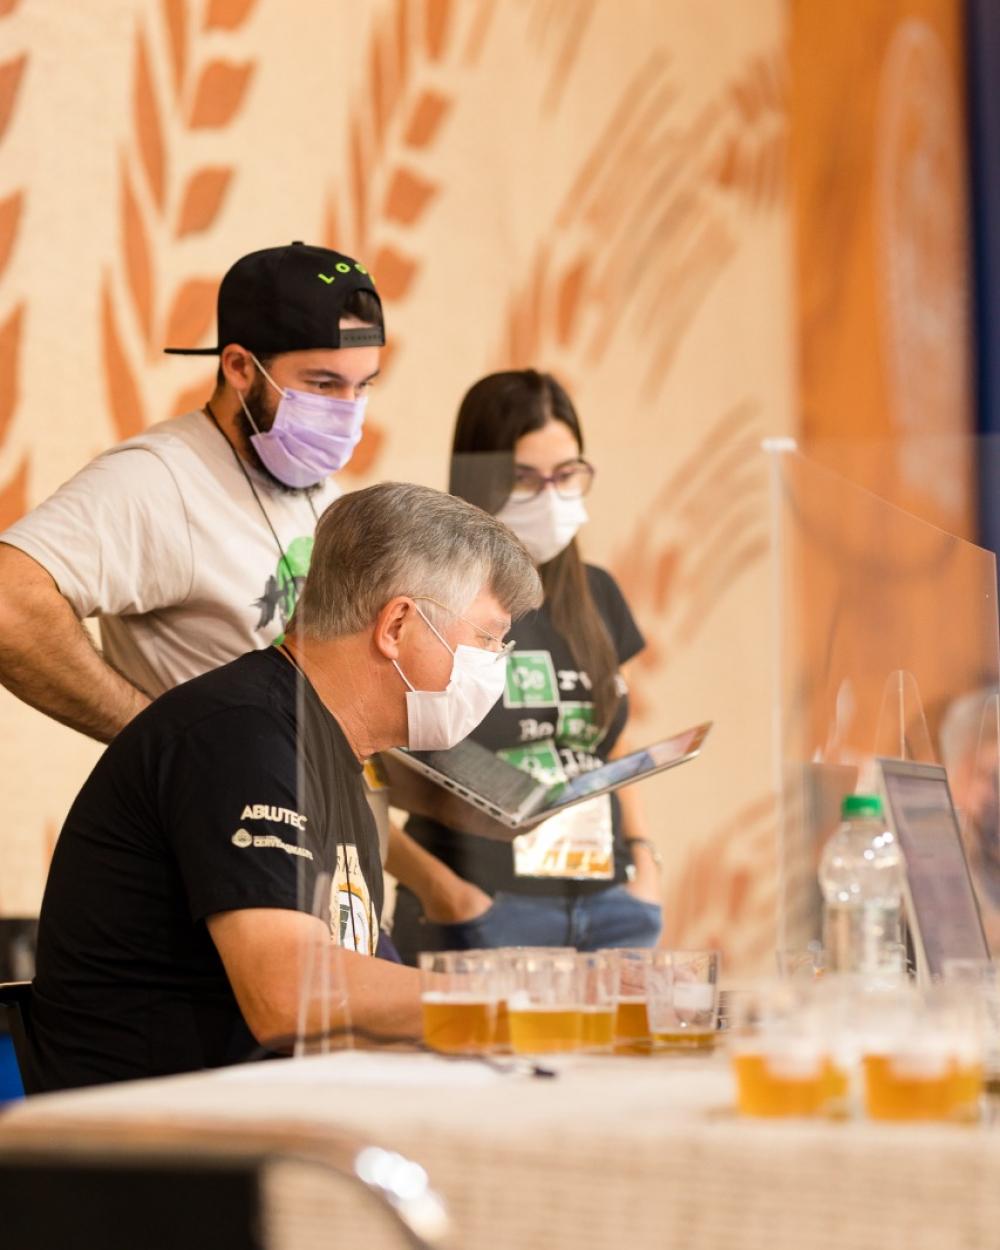 10ª edição do Concurso Brasileiro de Cervejas é confirmada para março de 2022